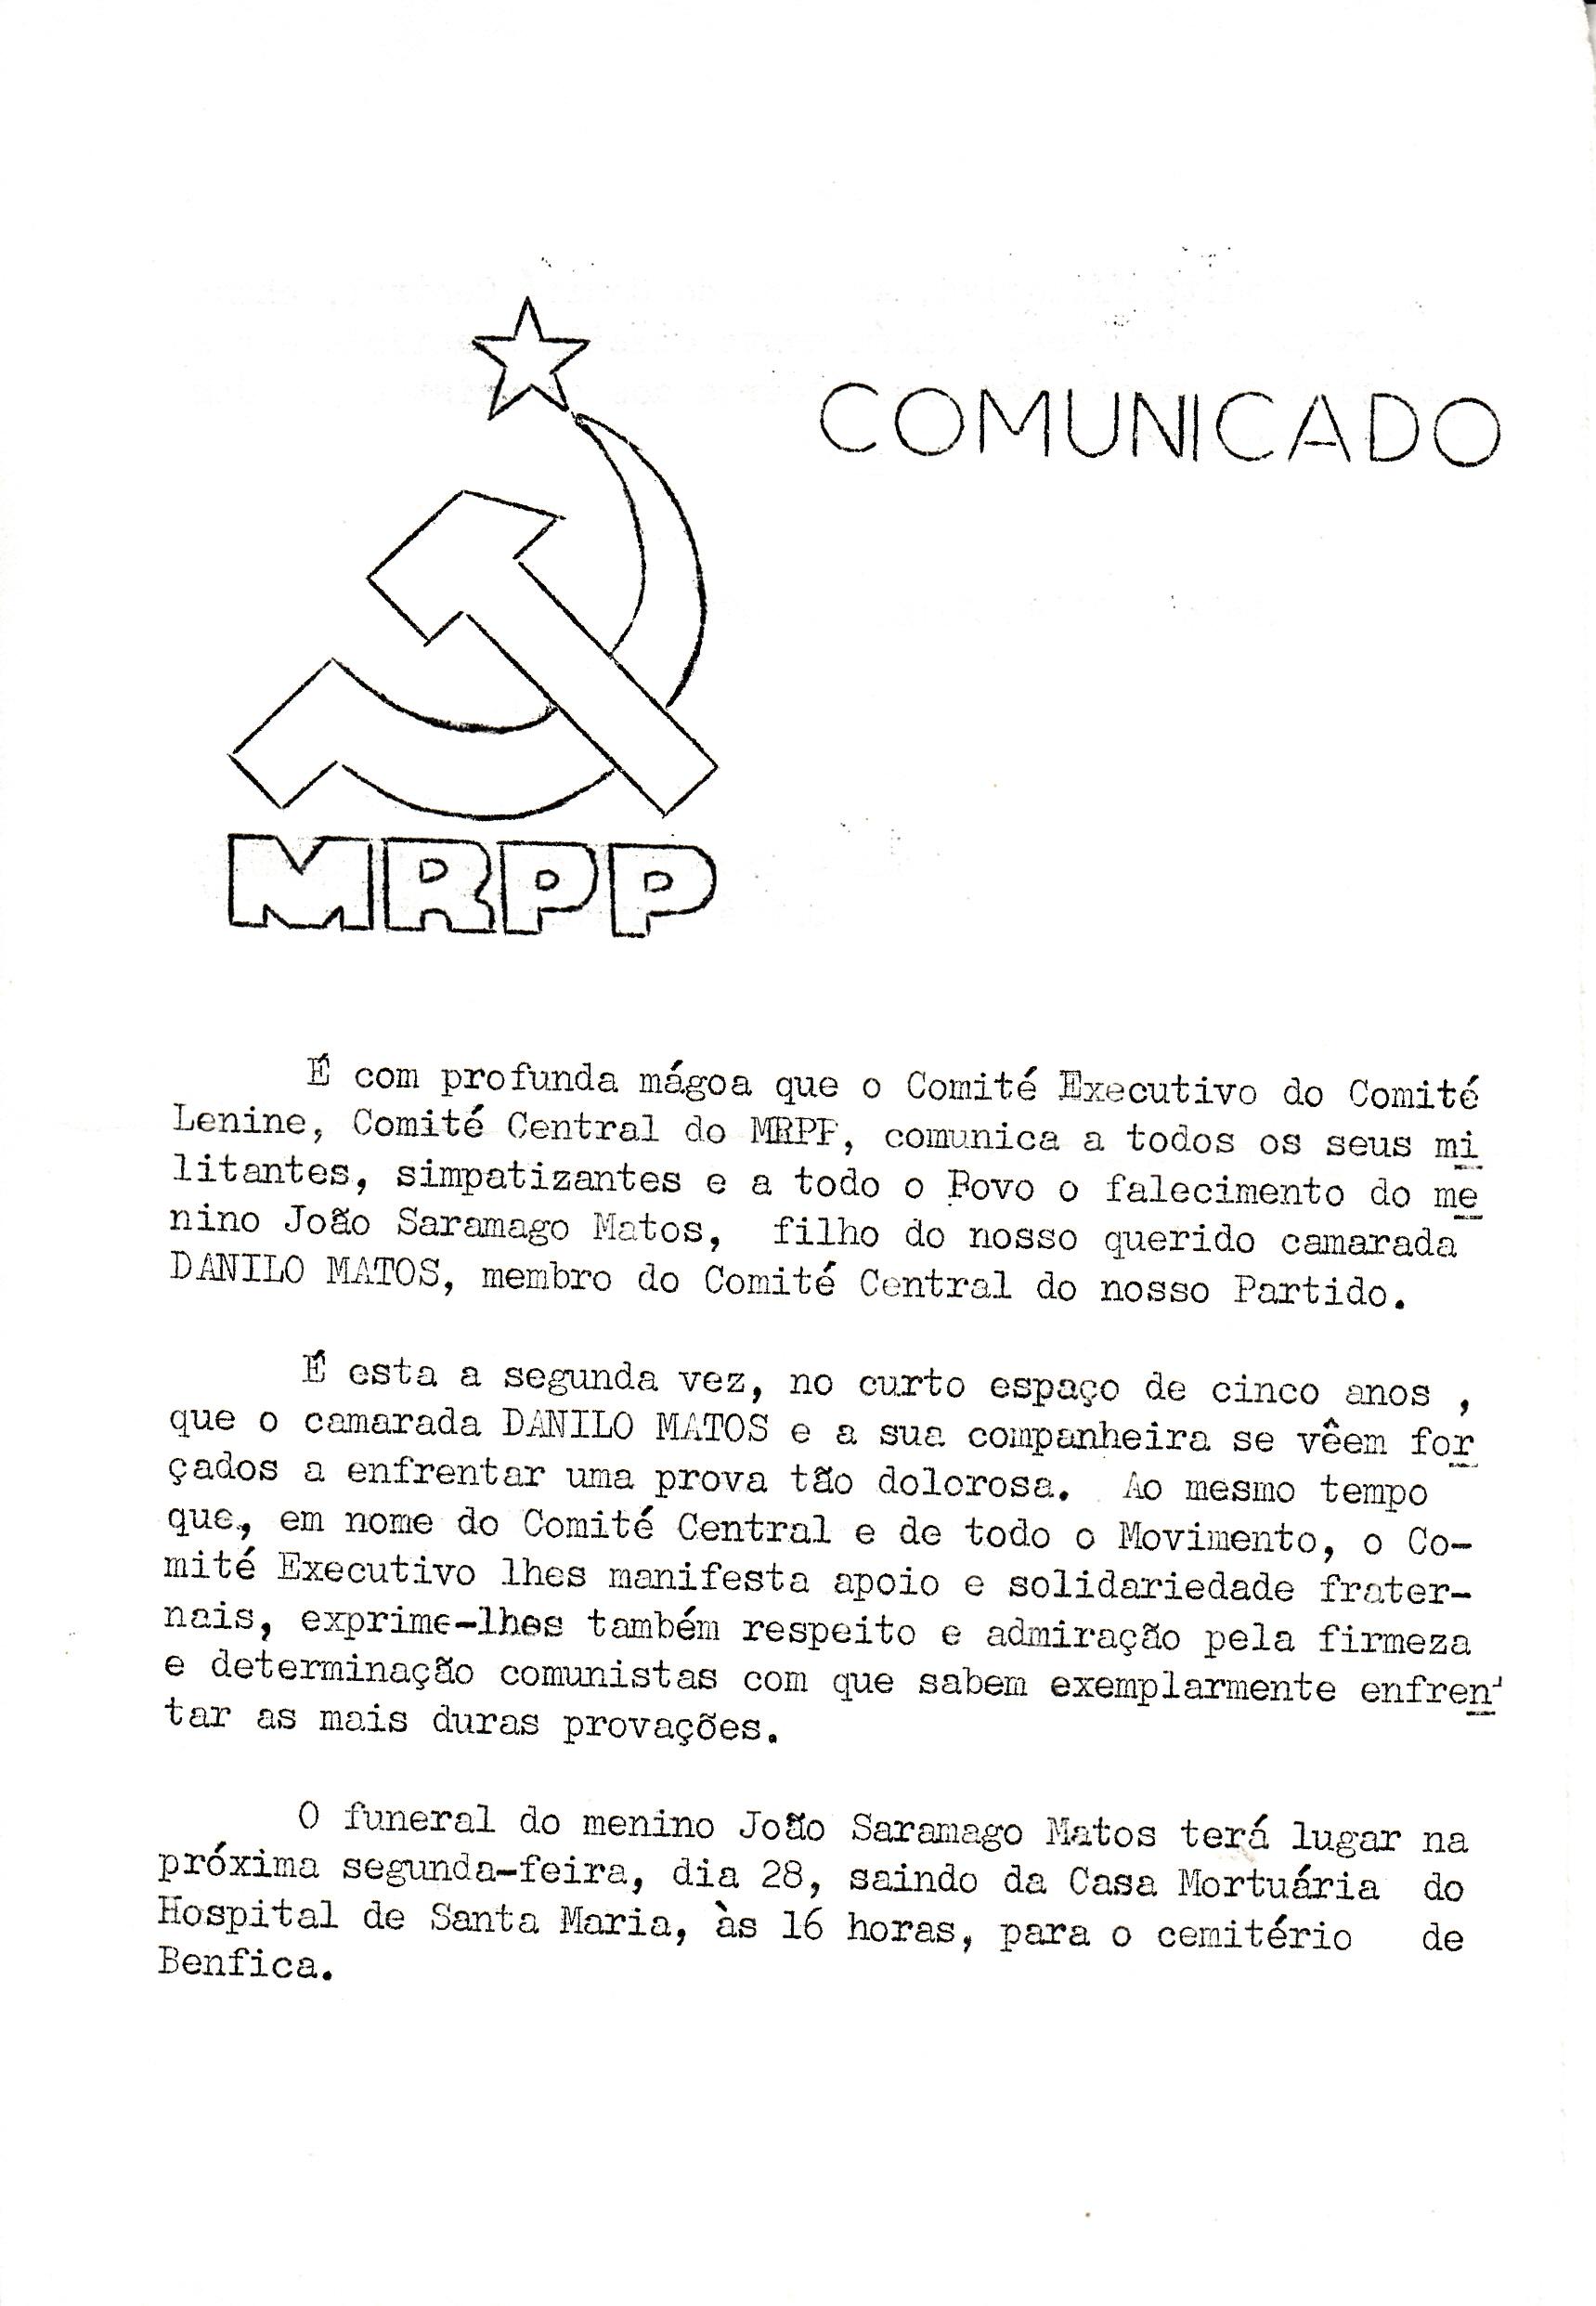 MRPP_1975_07_27_0001